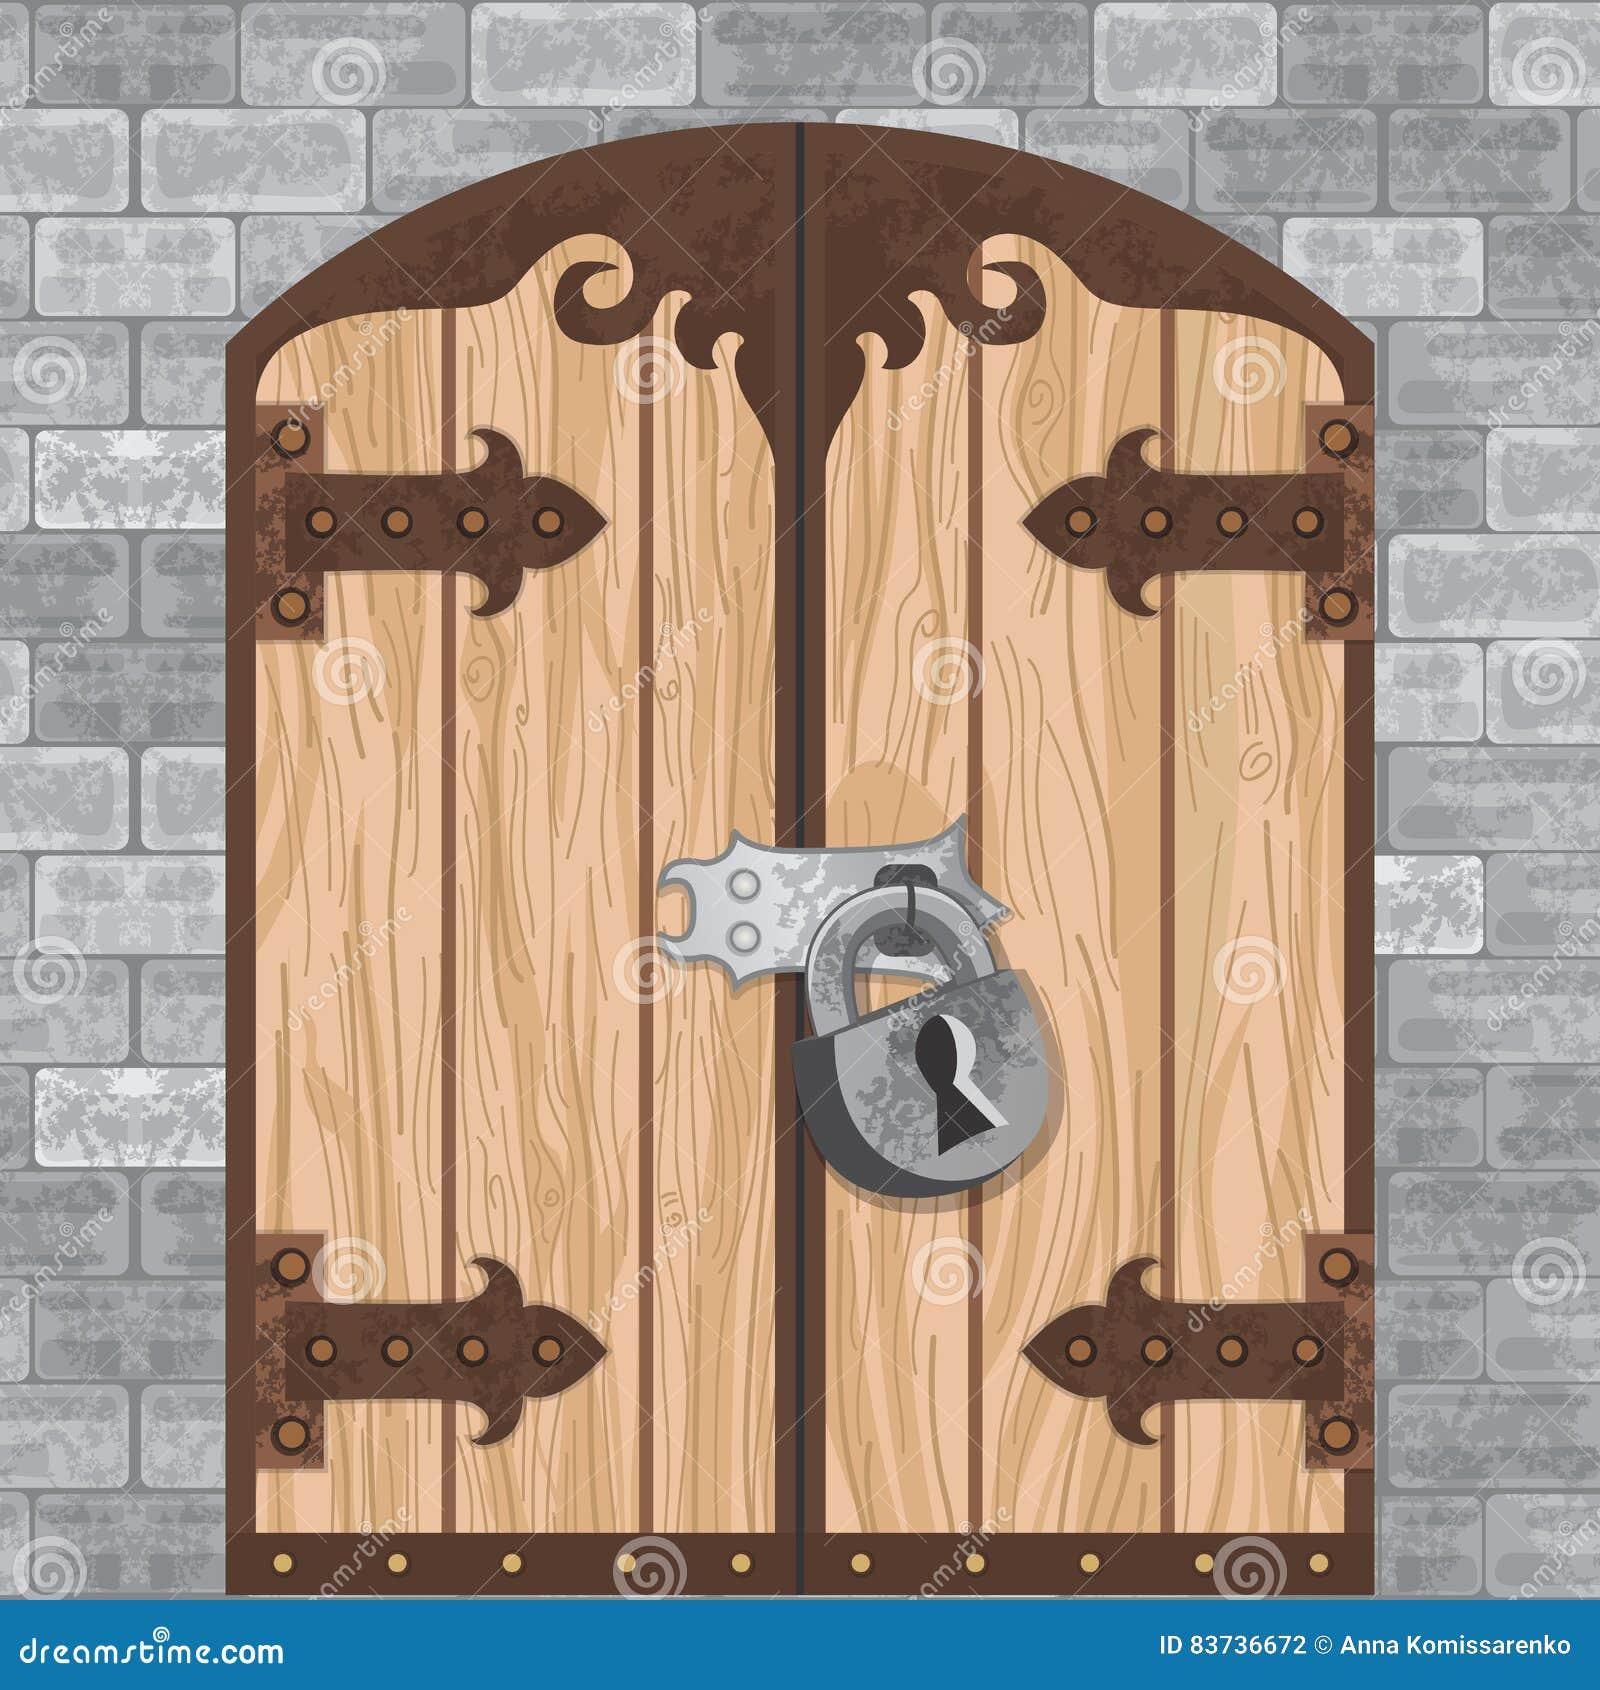 Old wooden door clipart - Castle Gate Vector Image Number 5 Of Castle Doors Clipart